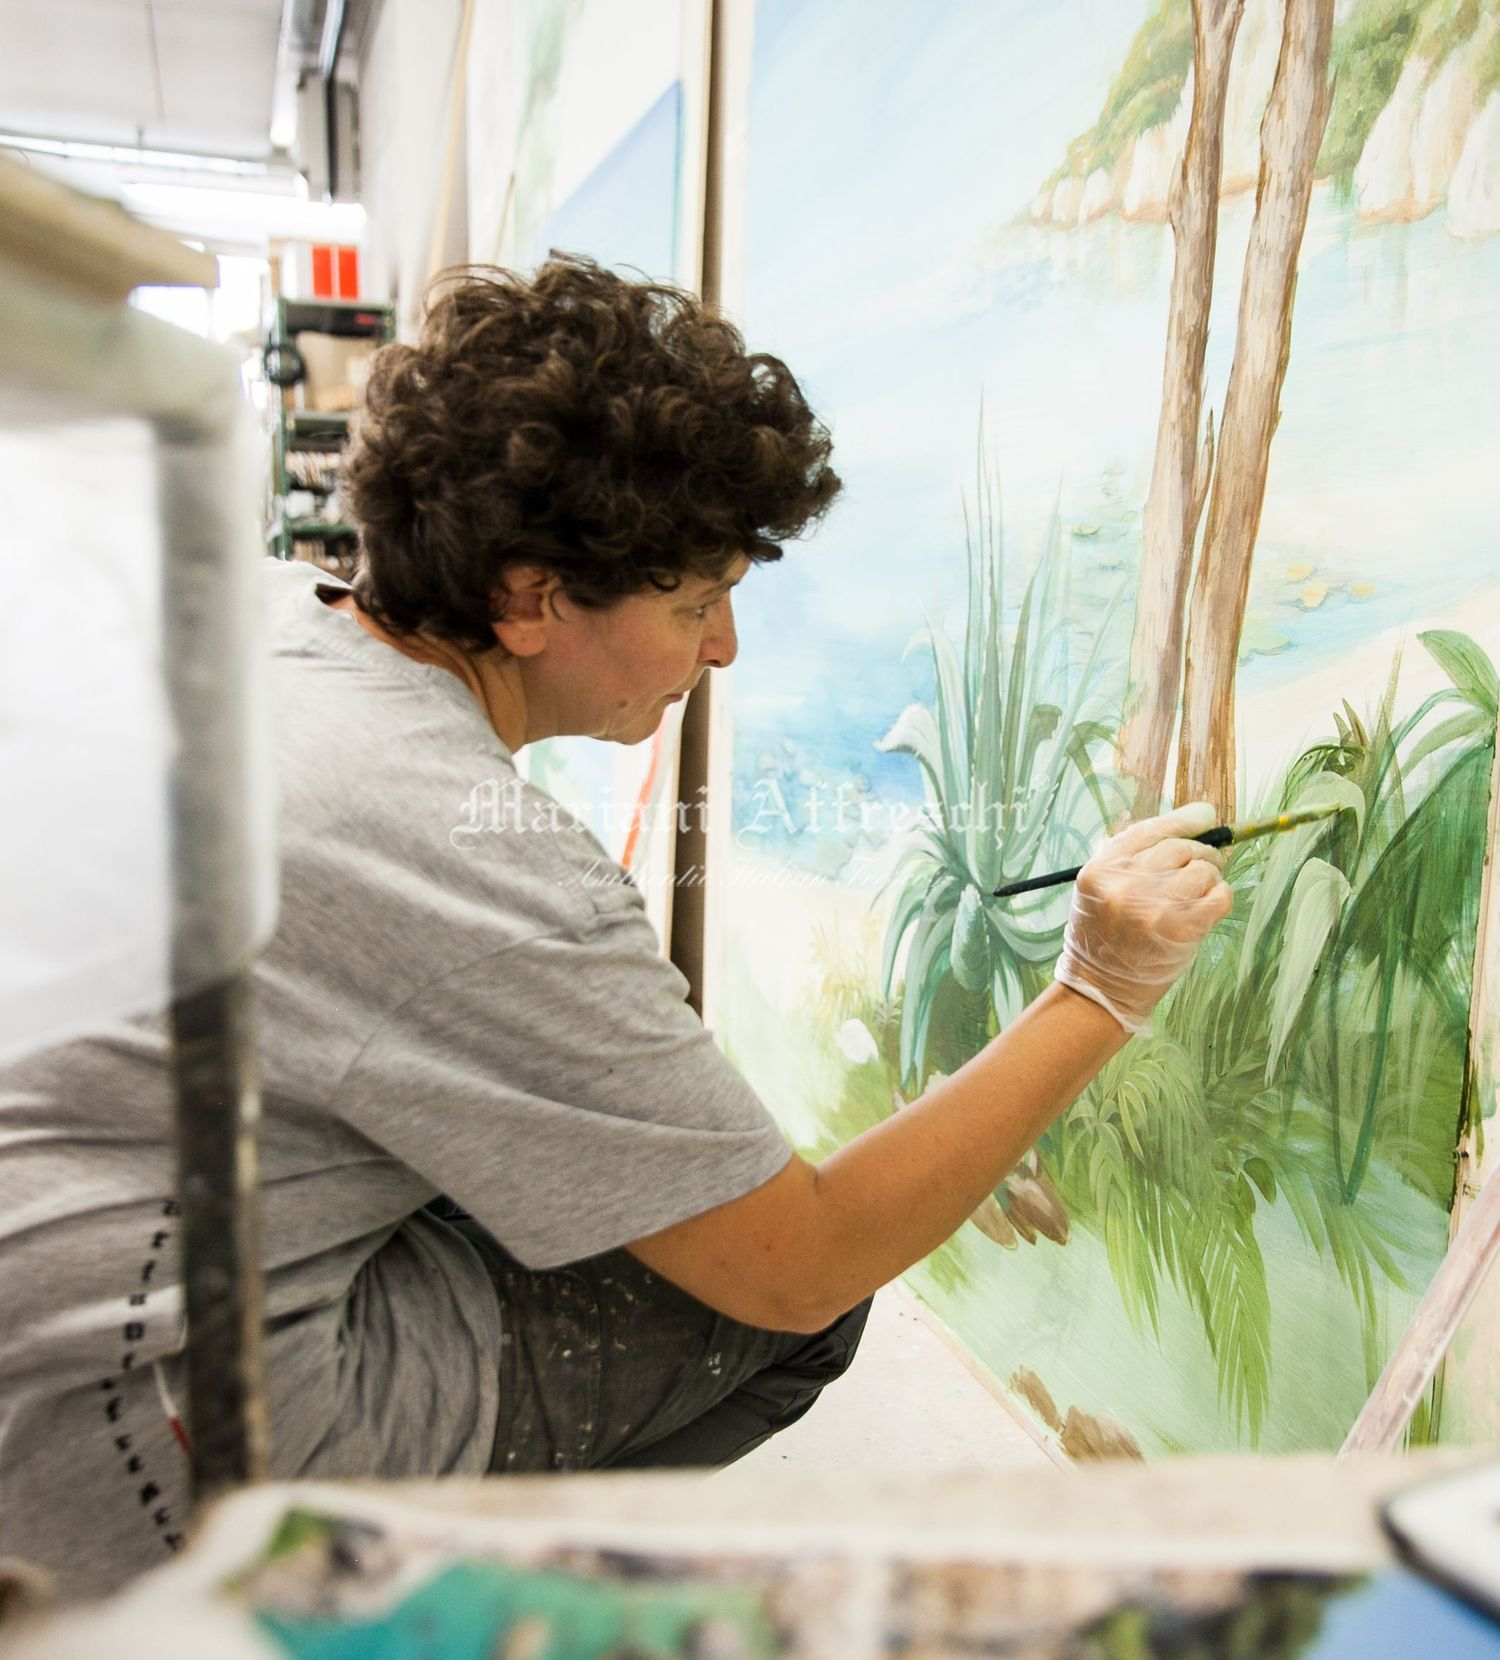 L'artista di Mariani Affreschi dipinge le agavi. E' il primo piano del trompe l'oeil, un elemento molto importante per creare la sensazione di profondità